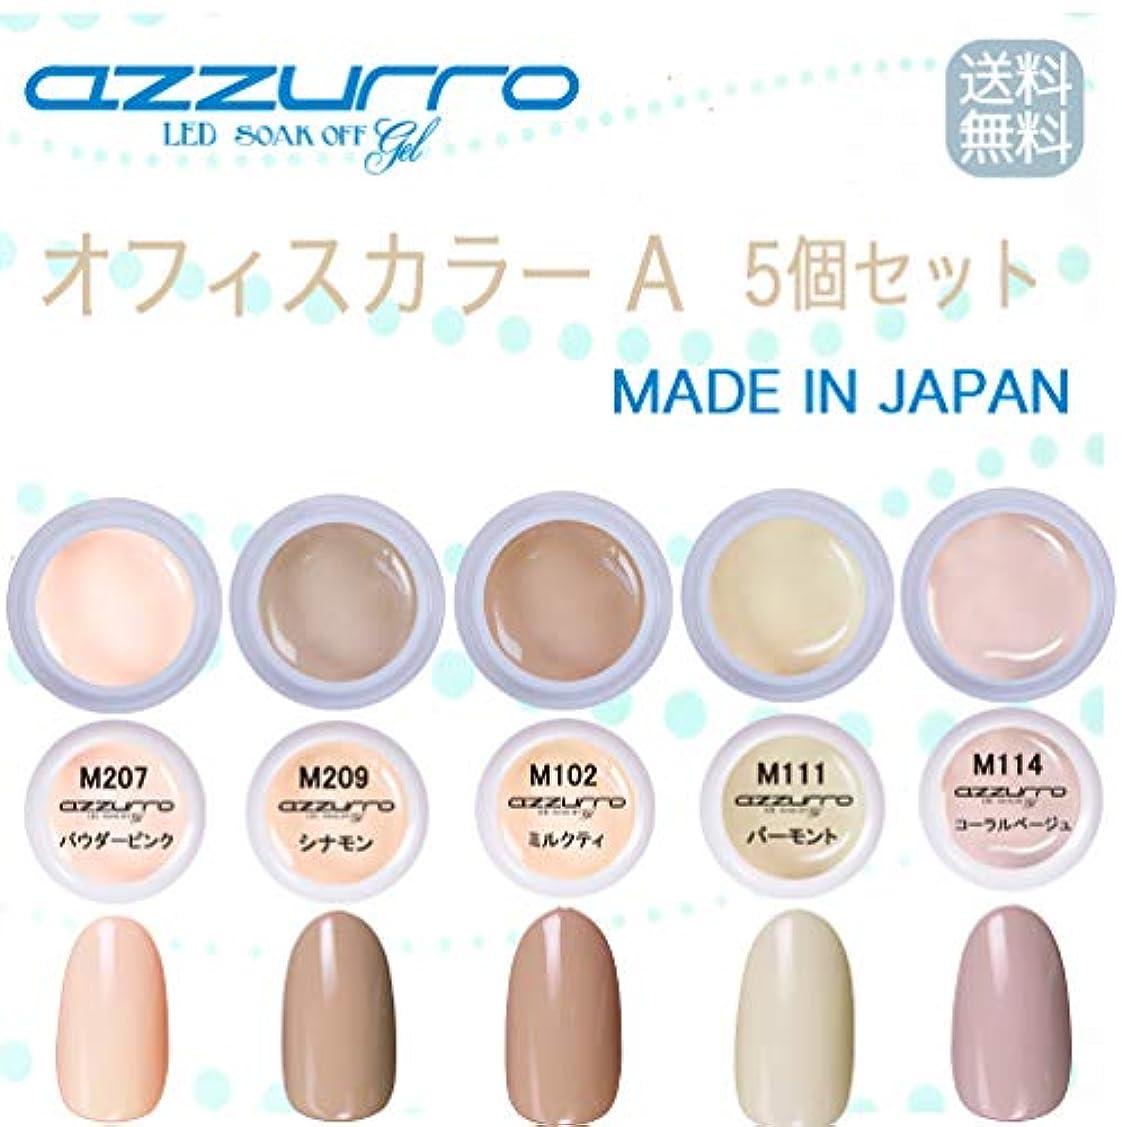 花に水をやるケイ素リーダーシップ【送料無料】日本製 azzurro gel オフィスカラージェルA5個セット オフィスでも人気のカラーをセット